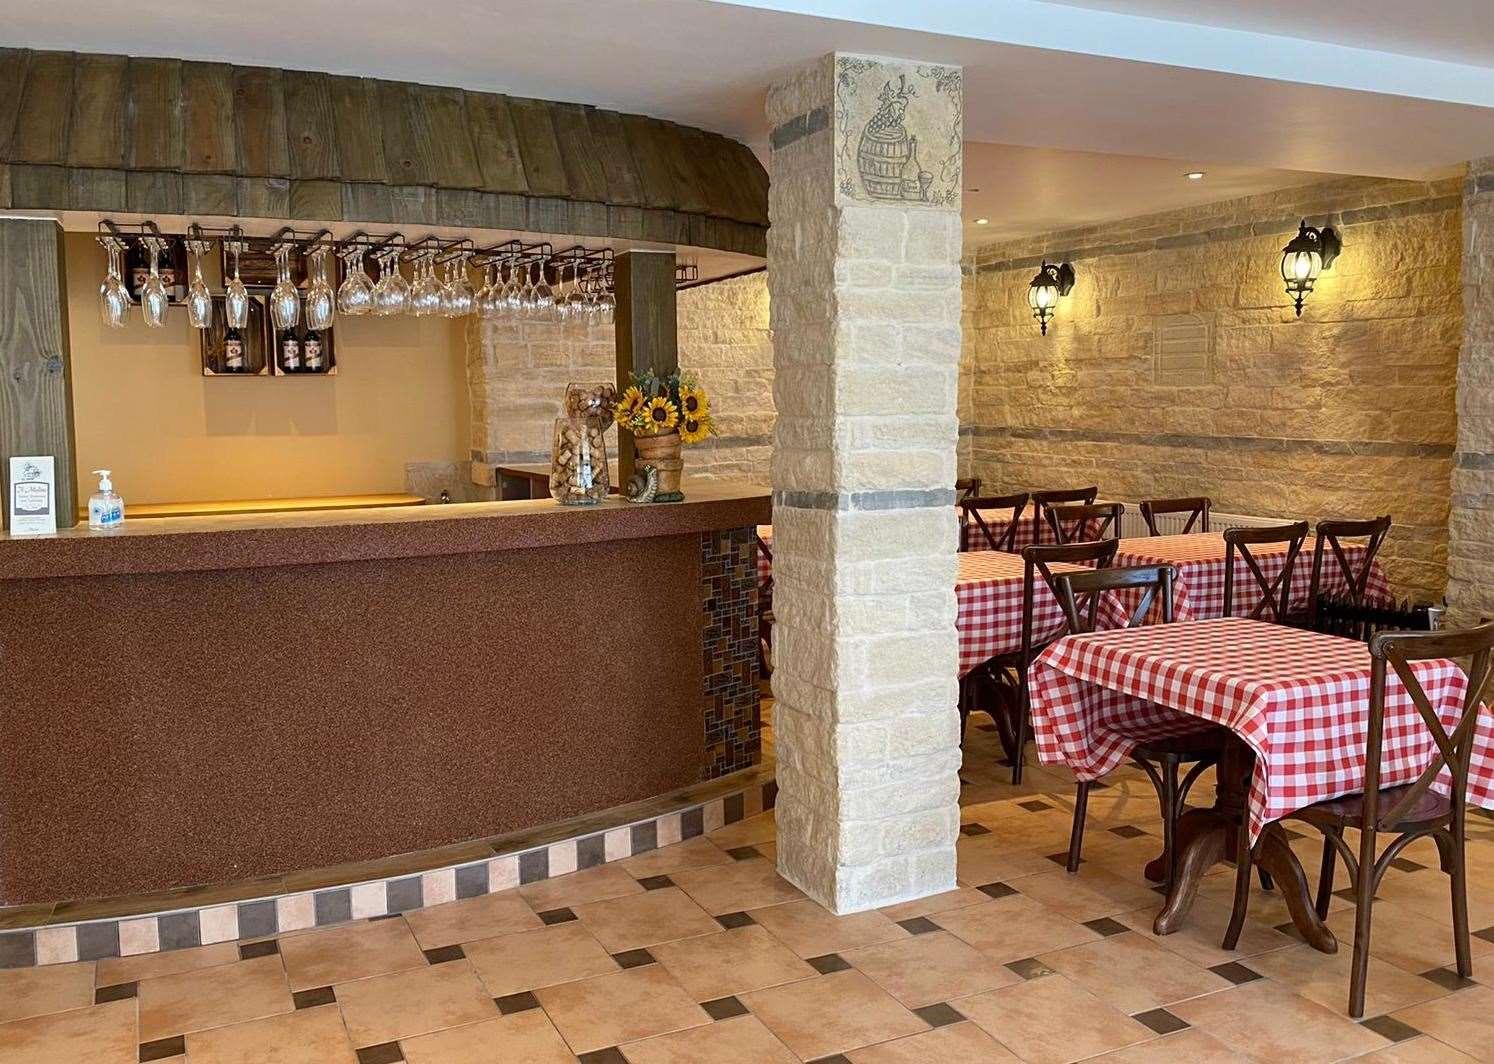 Il ristorante potrà ospitare fino a 60 persone quando riaprirà a giugno.  Foto: Il Molino